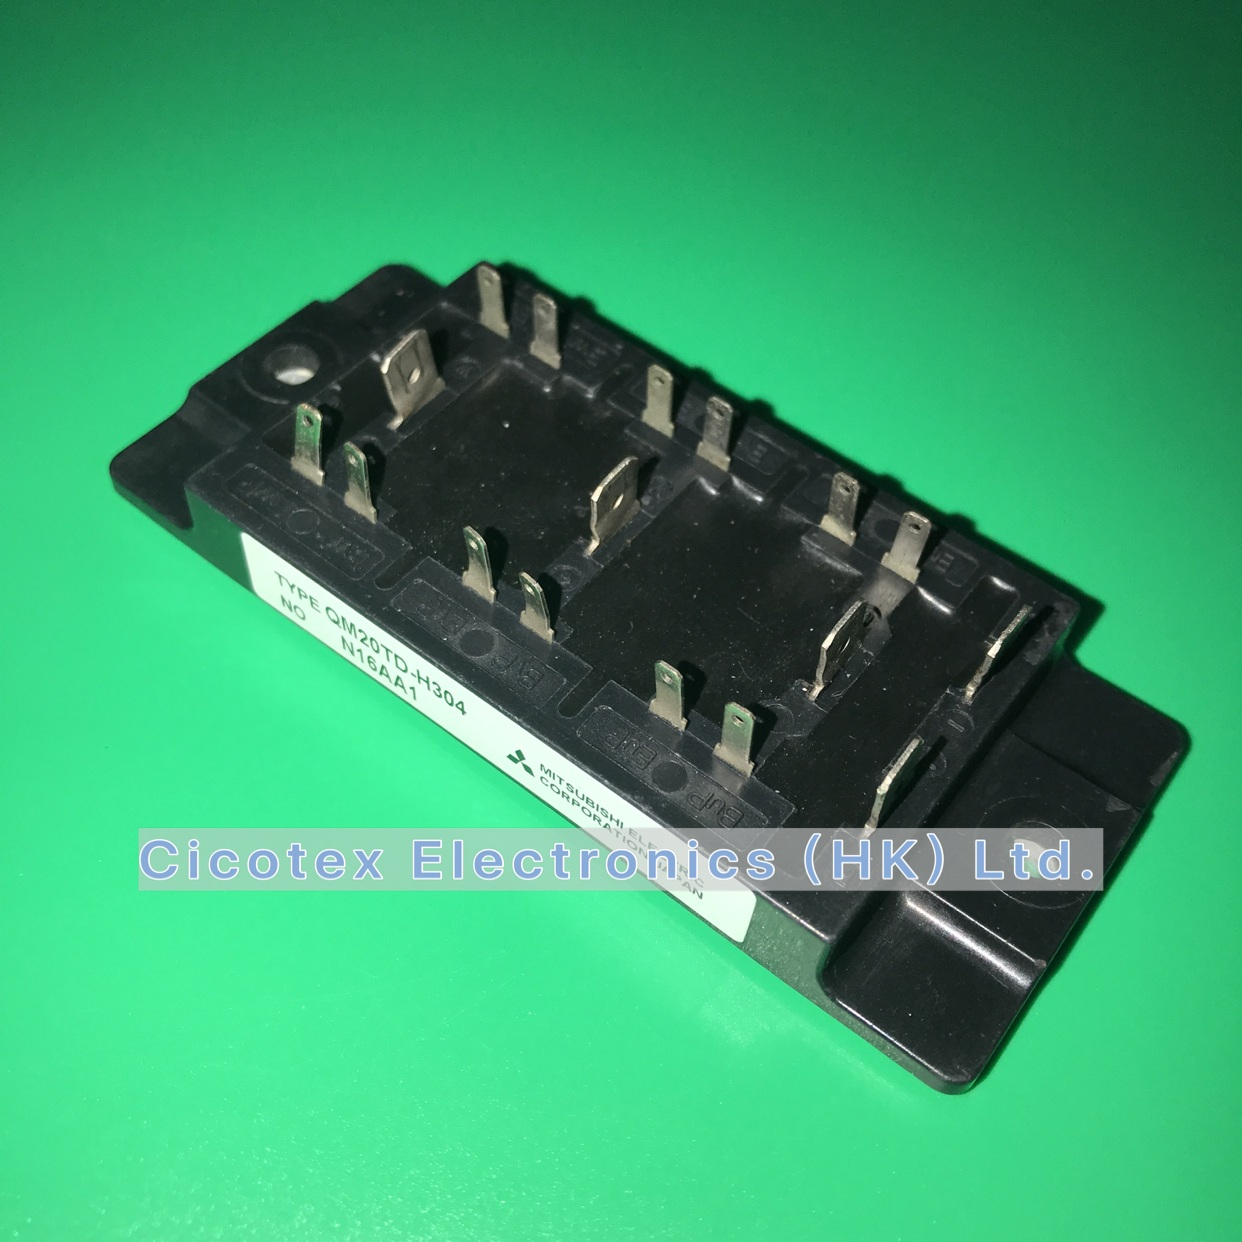 2pcs MX-43025-0200 Spina conduttore-piastra femmina PIN 2 senza contatti 3mm MOL